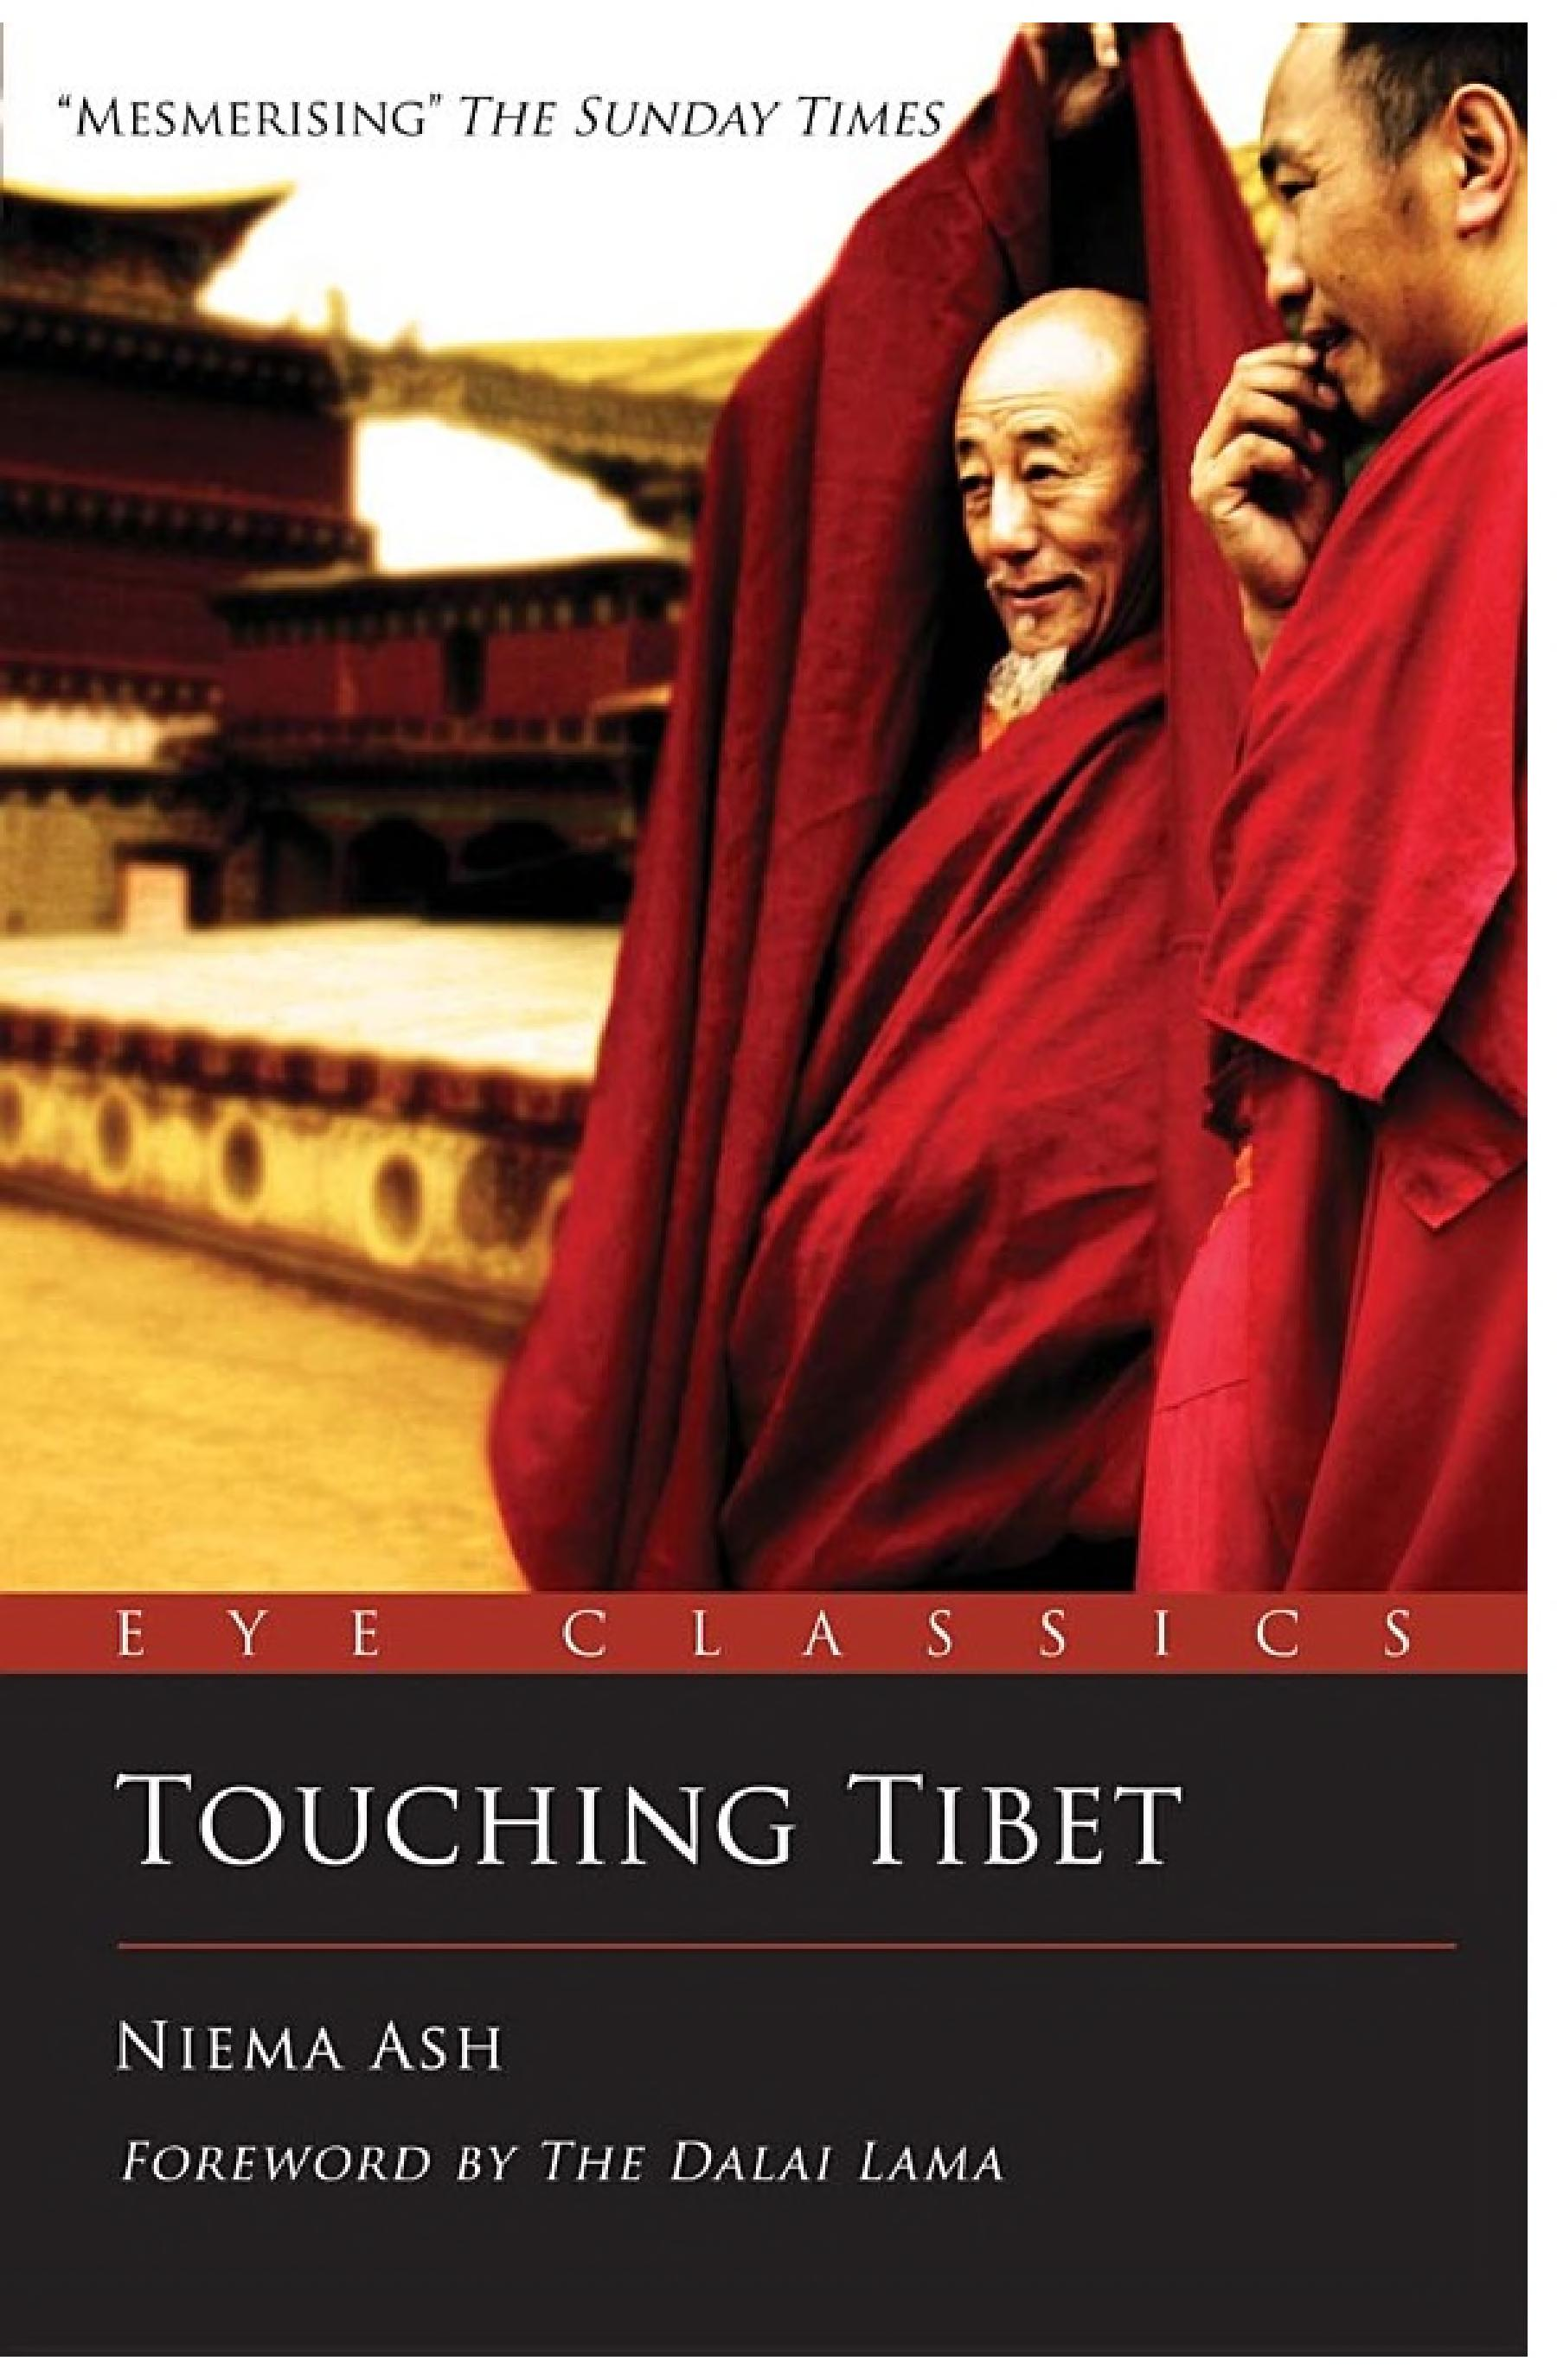 Touching Tibet